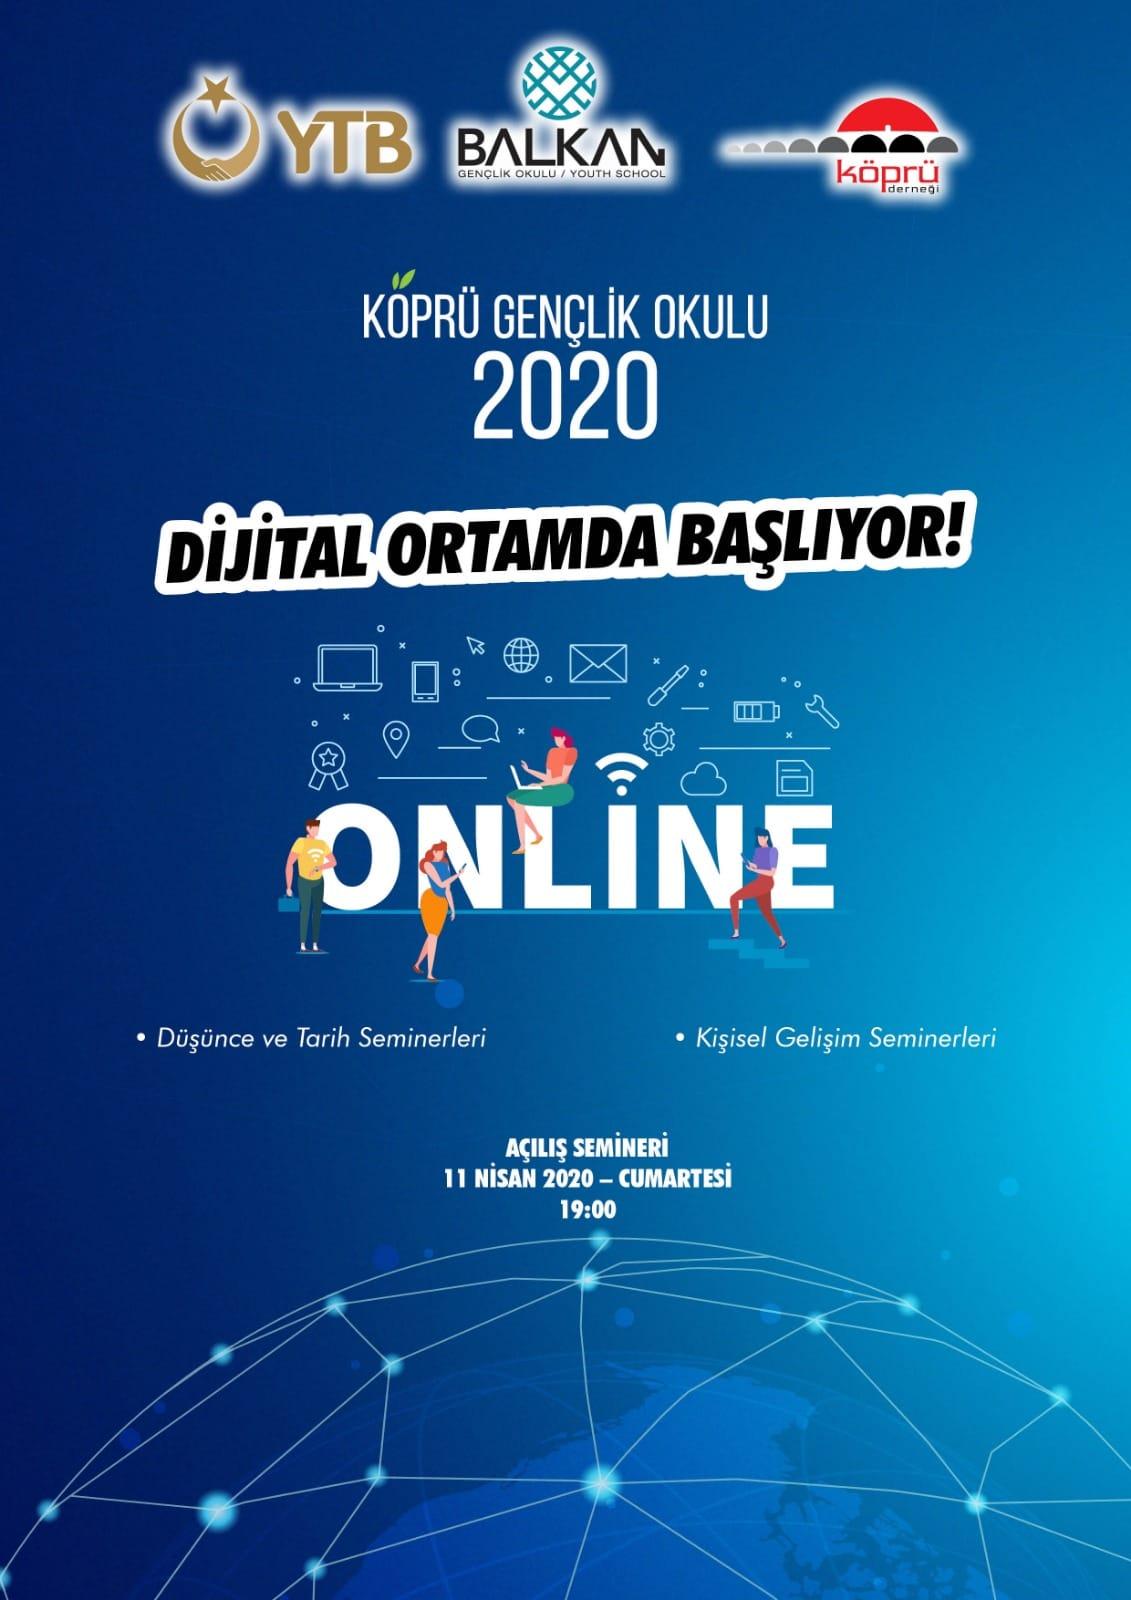 Köprü Gençlik Okulu dijital ortamda başlıyor